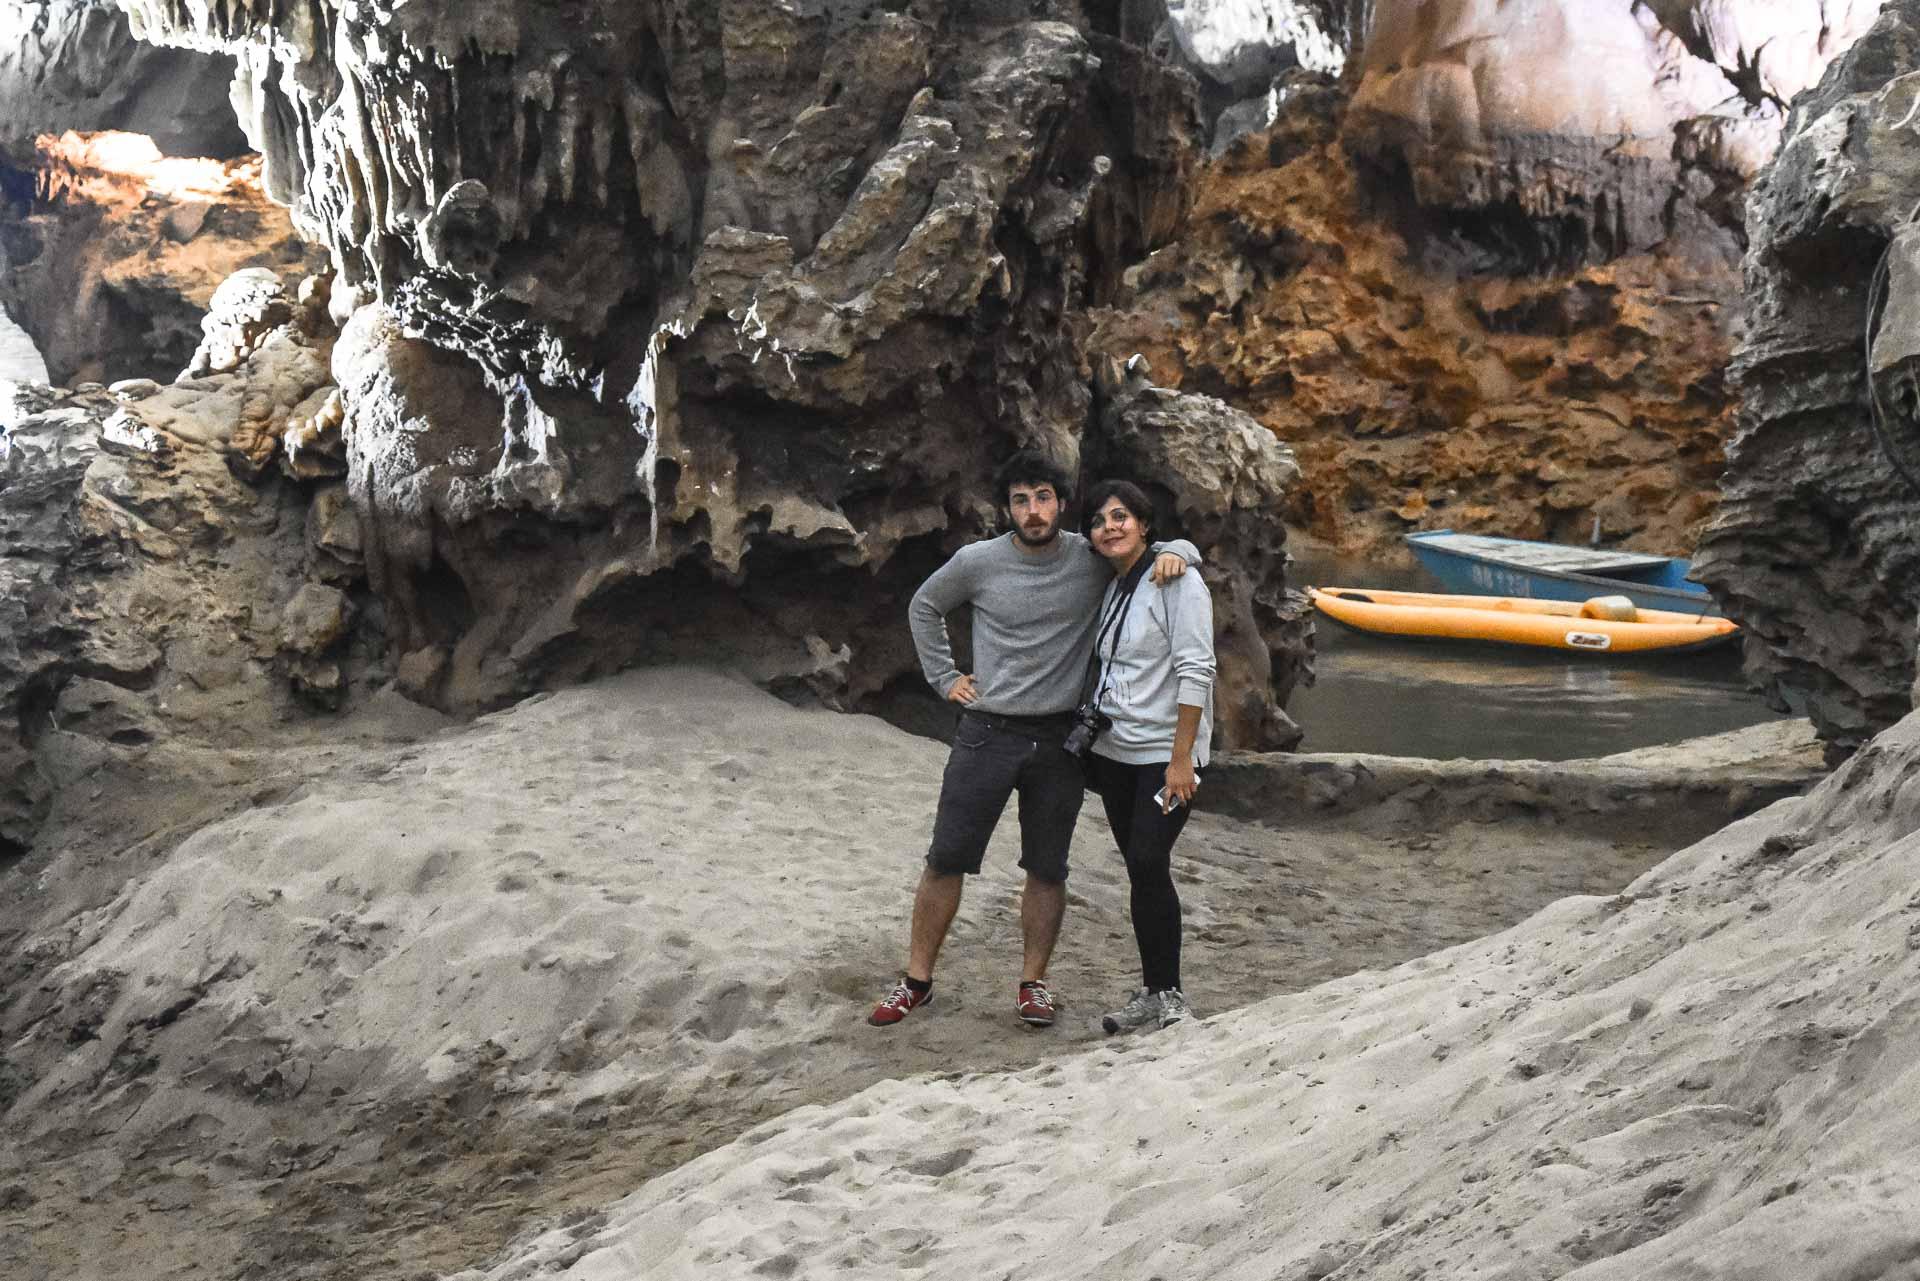 LesVoyageuses-Vietnam-Phong-Nha-Caves-Nature-13